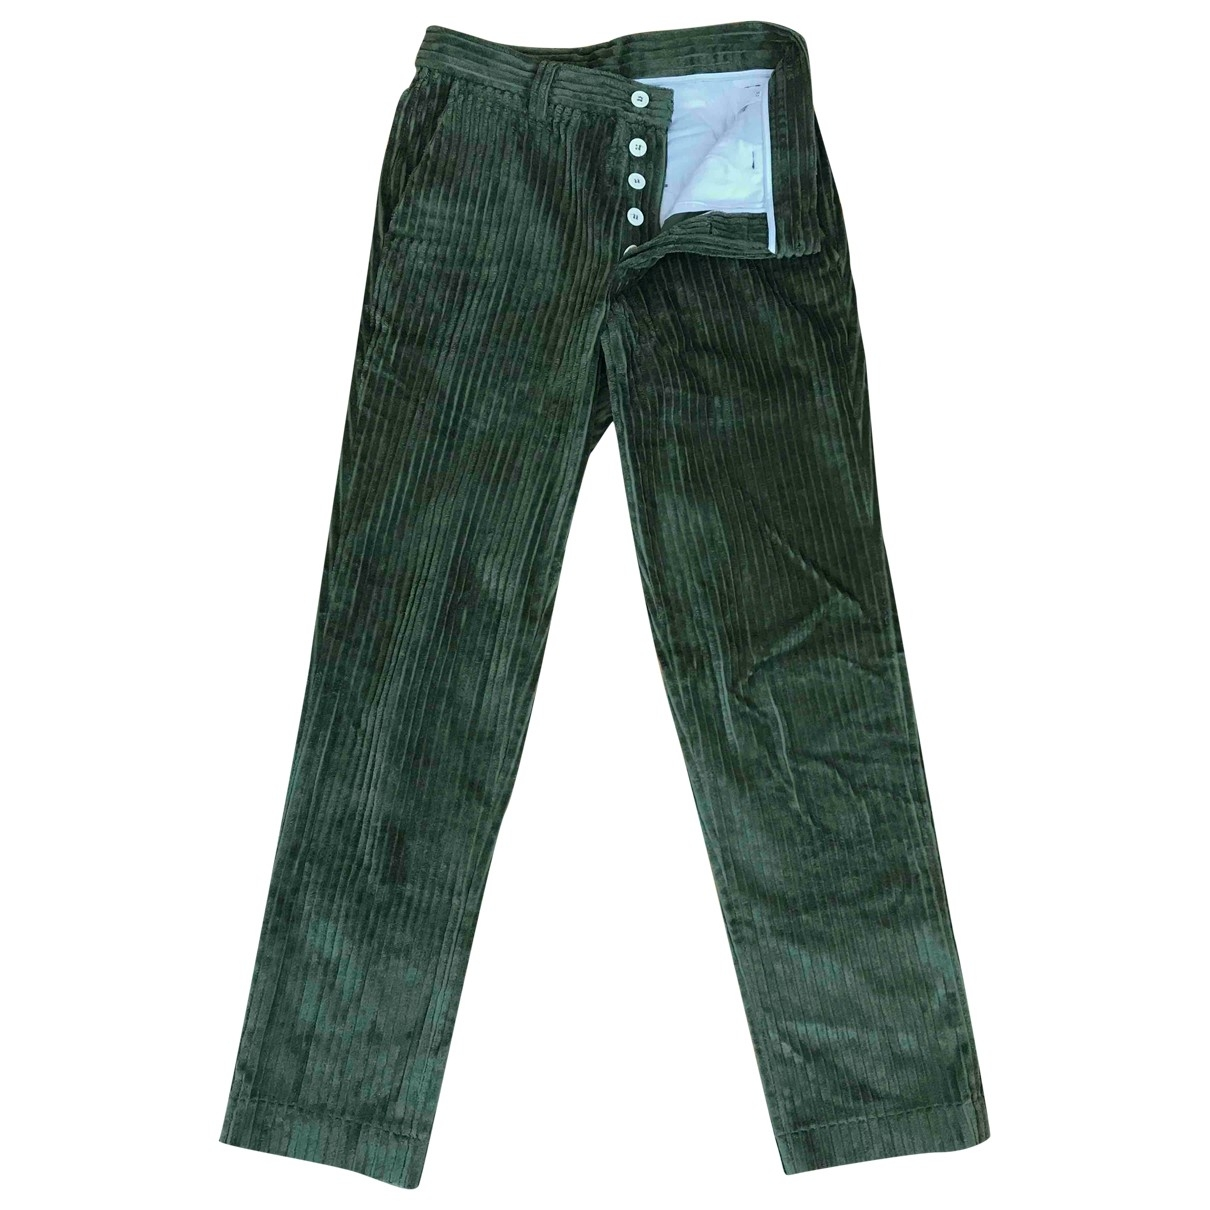 Sunnei \N Green Cotton Trousers for Men S International